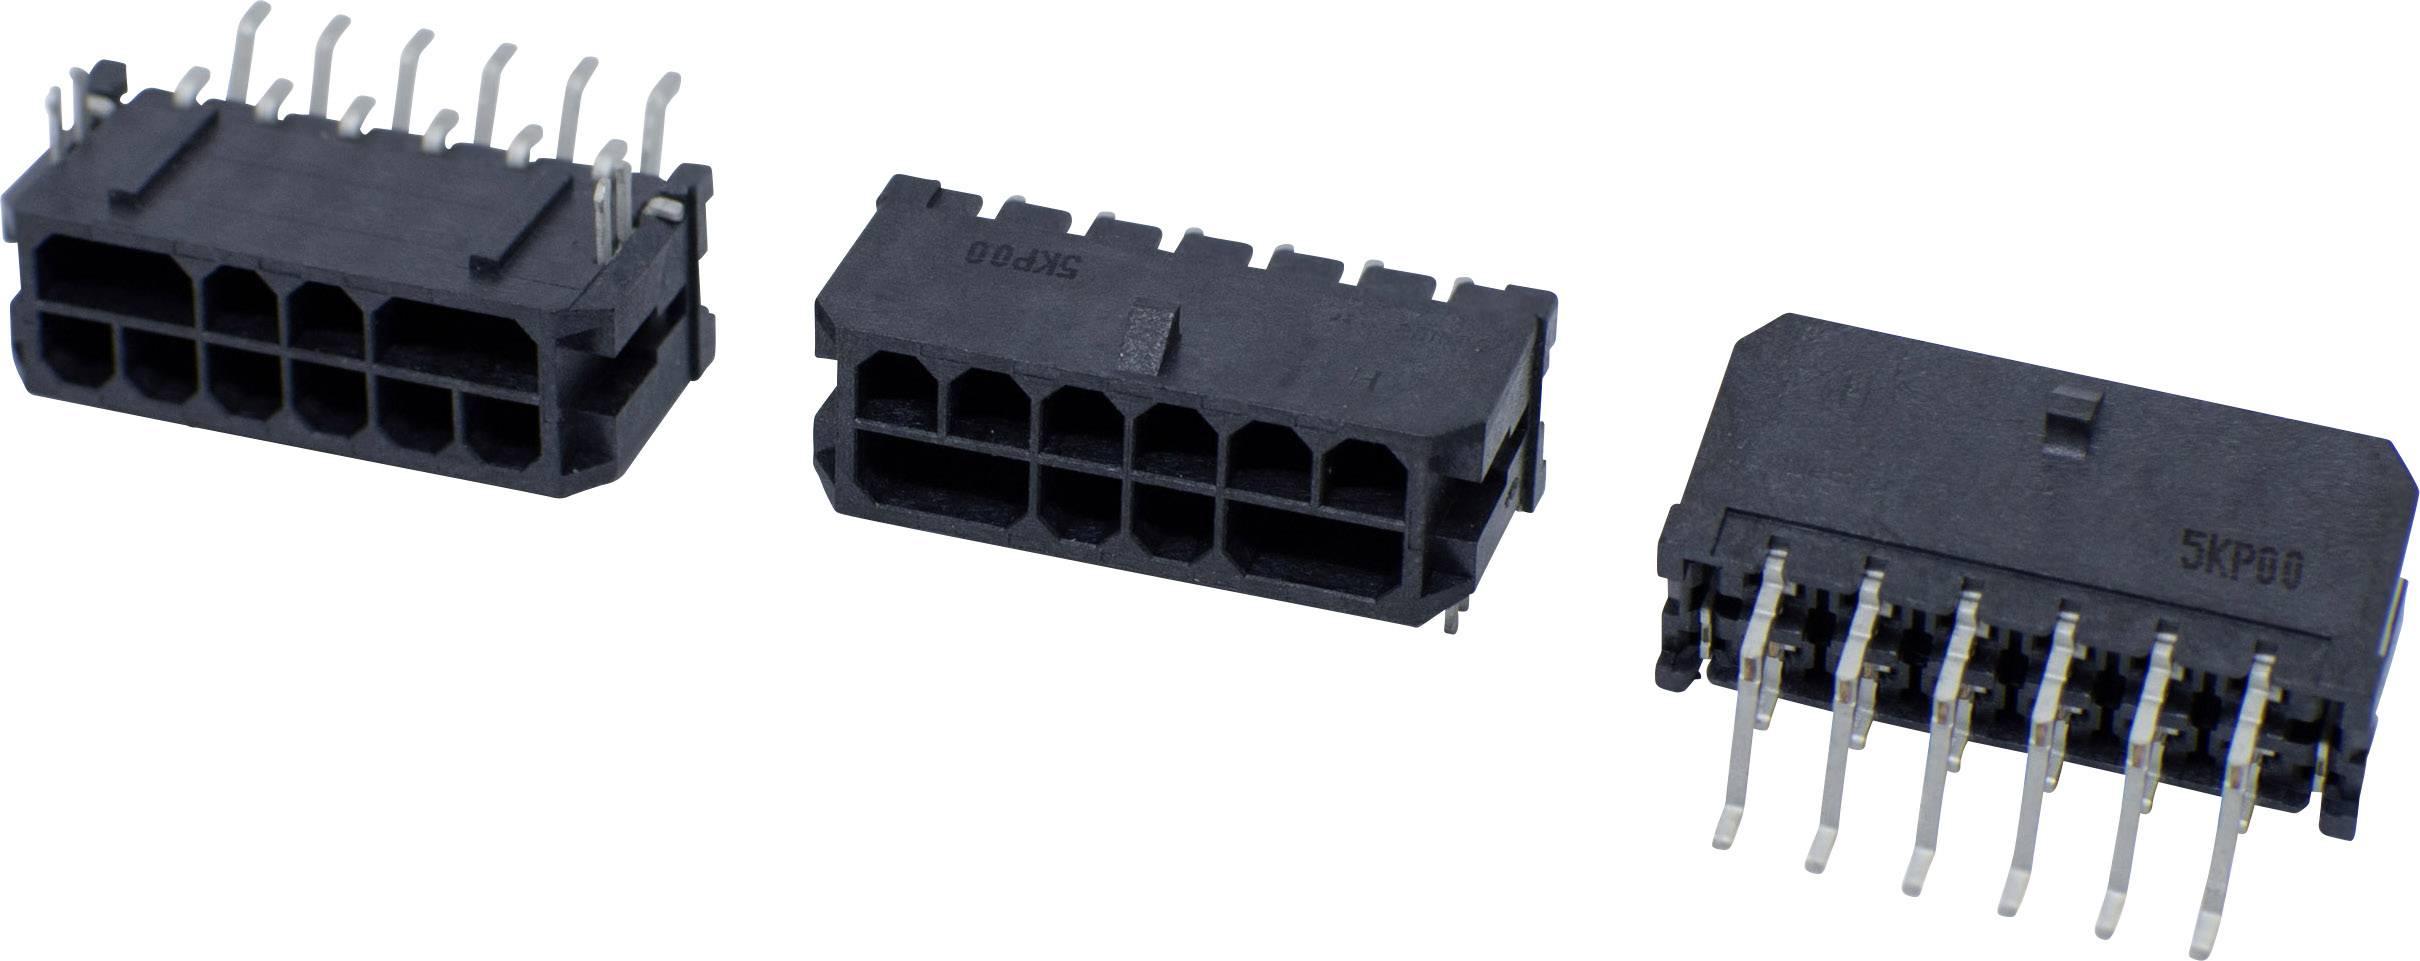 Pinová lišta (štandardná) BellWether 70096-0808, pólů 8, rozteč 3 mm, 1 ks